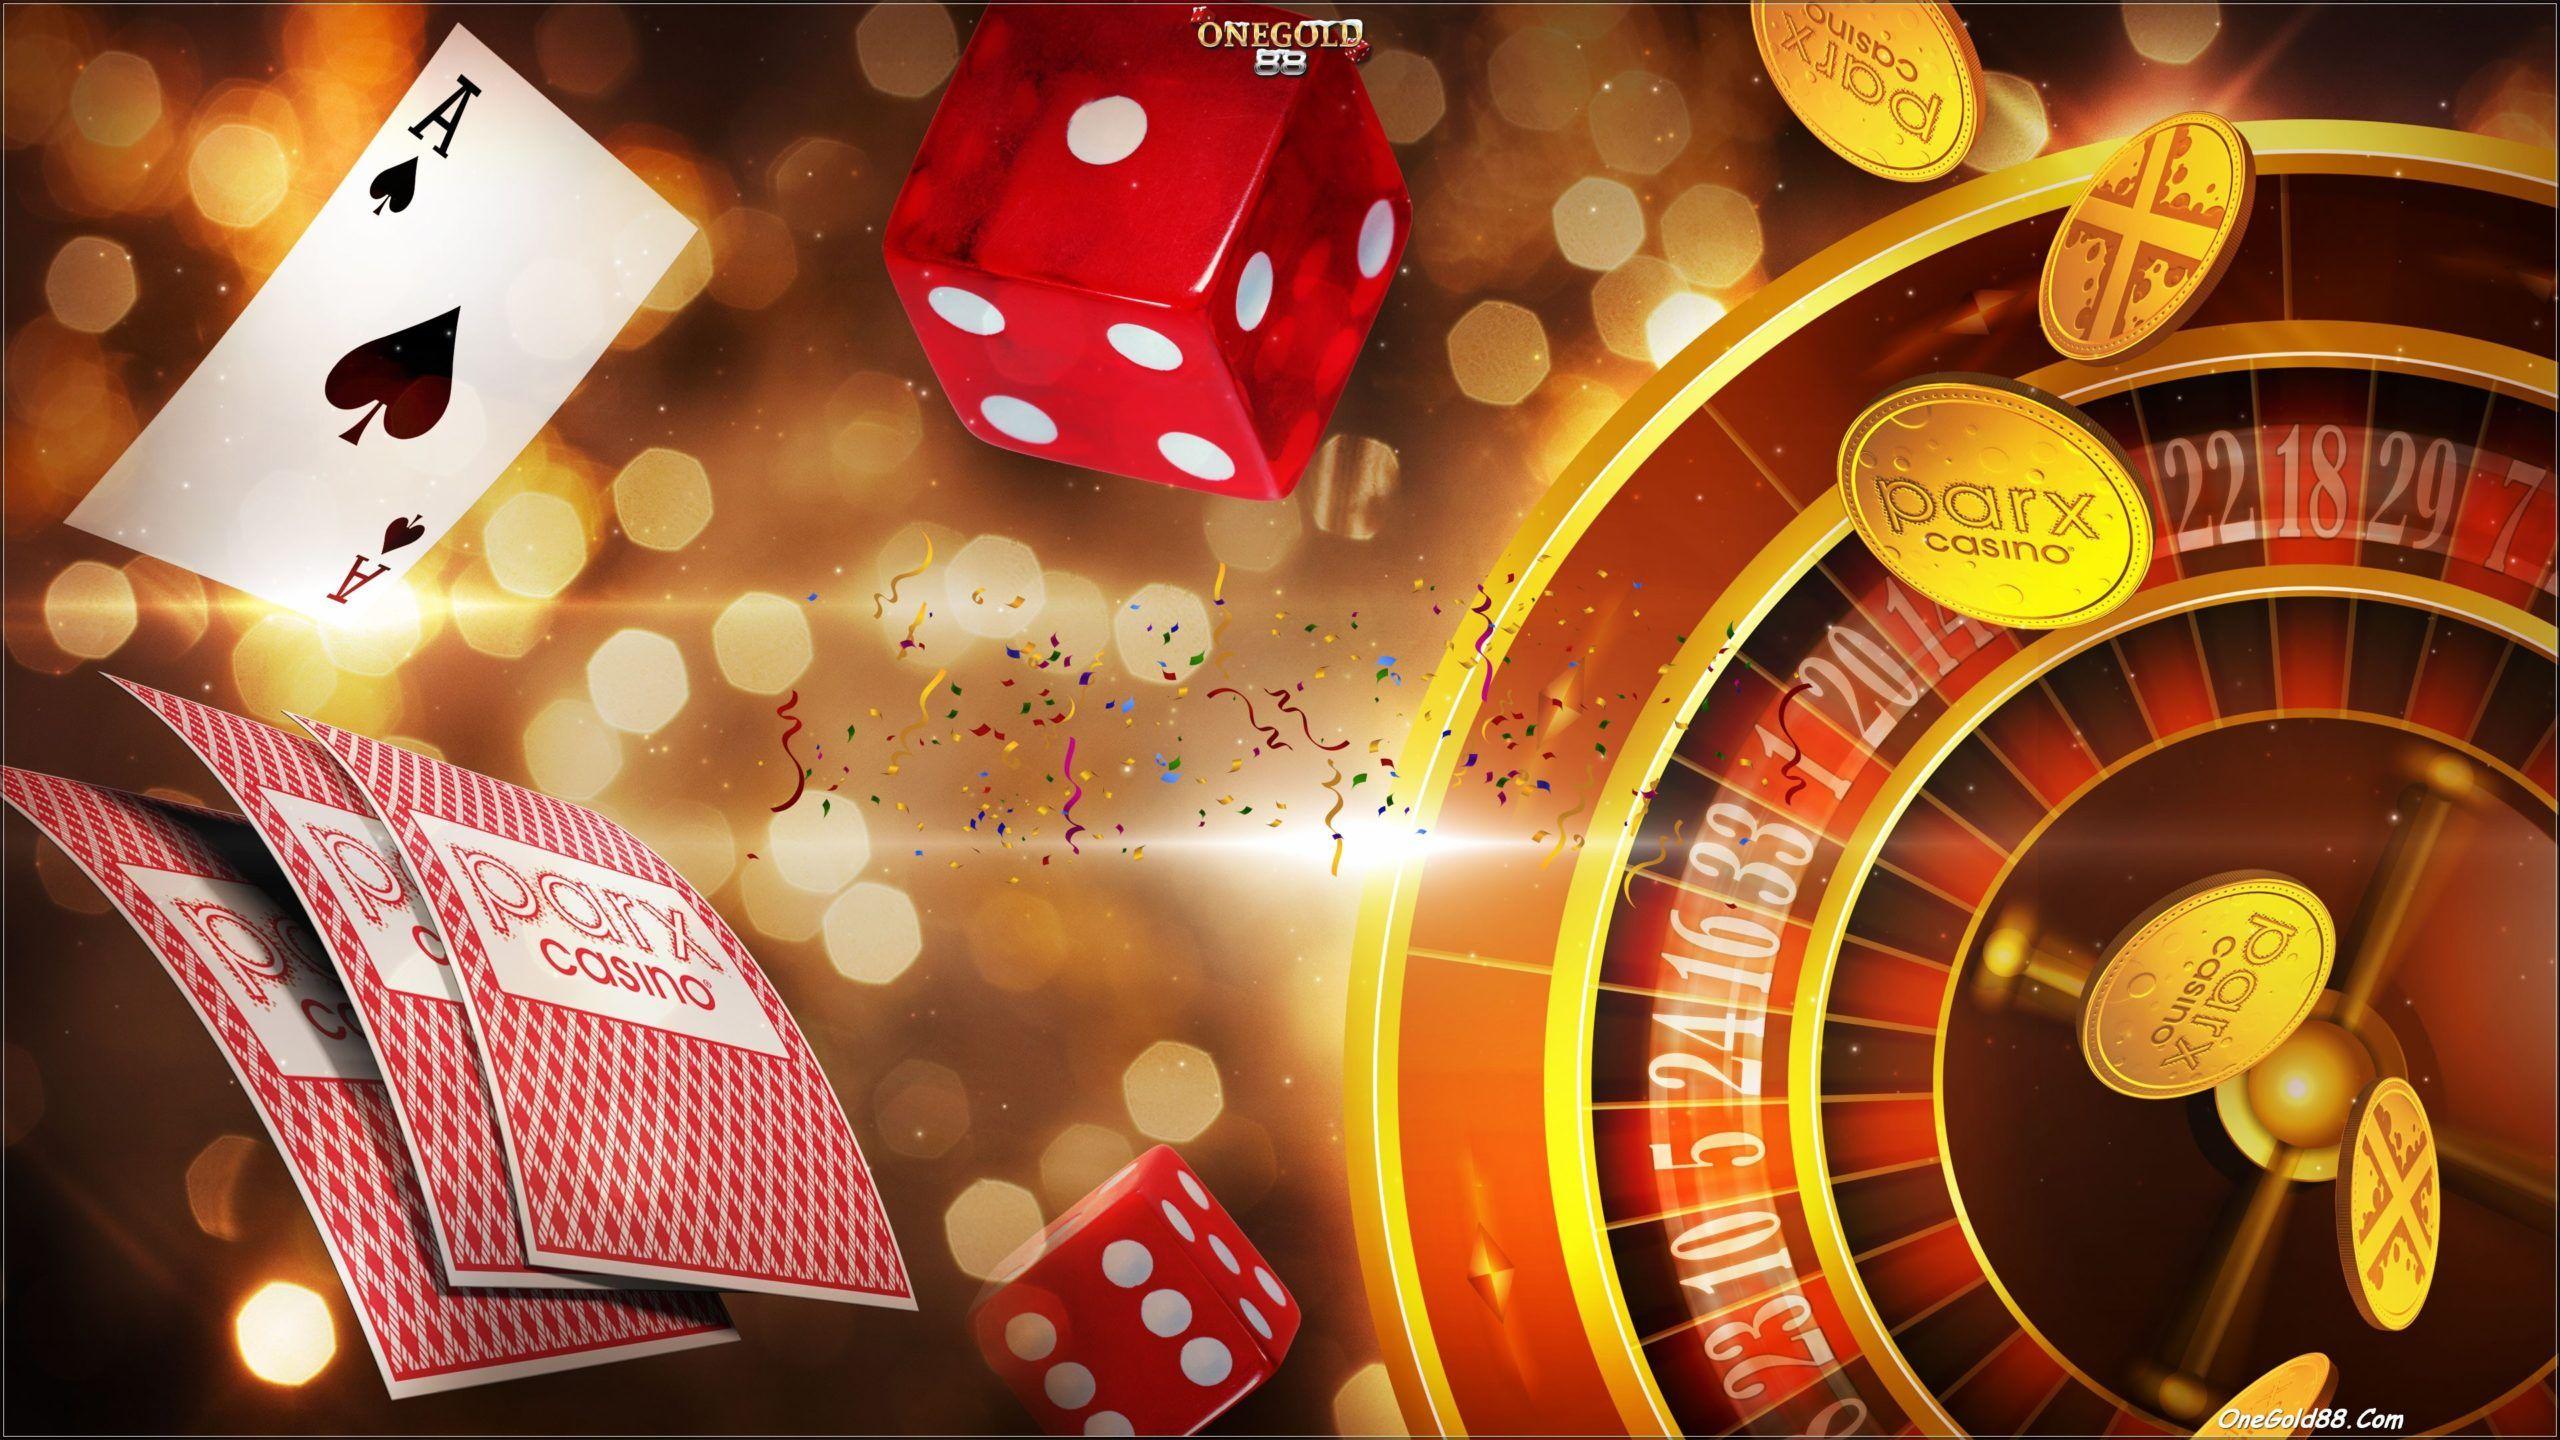 a casino slot machine